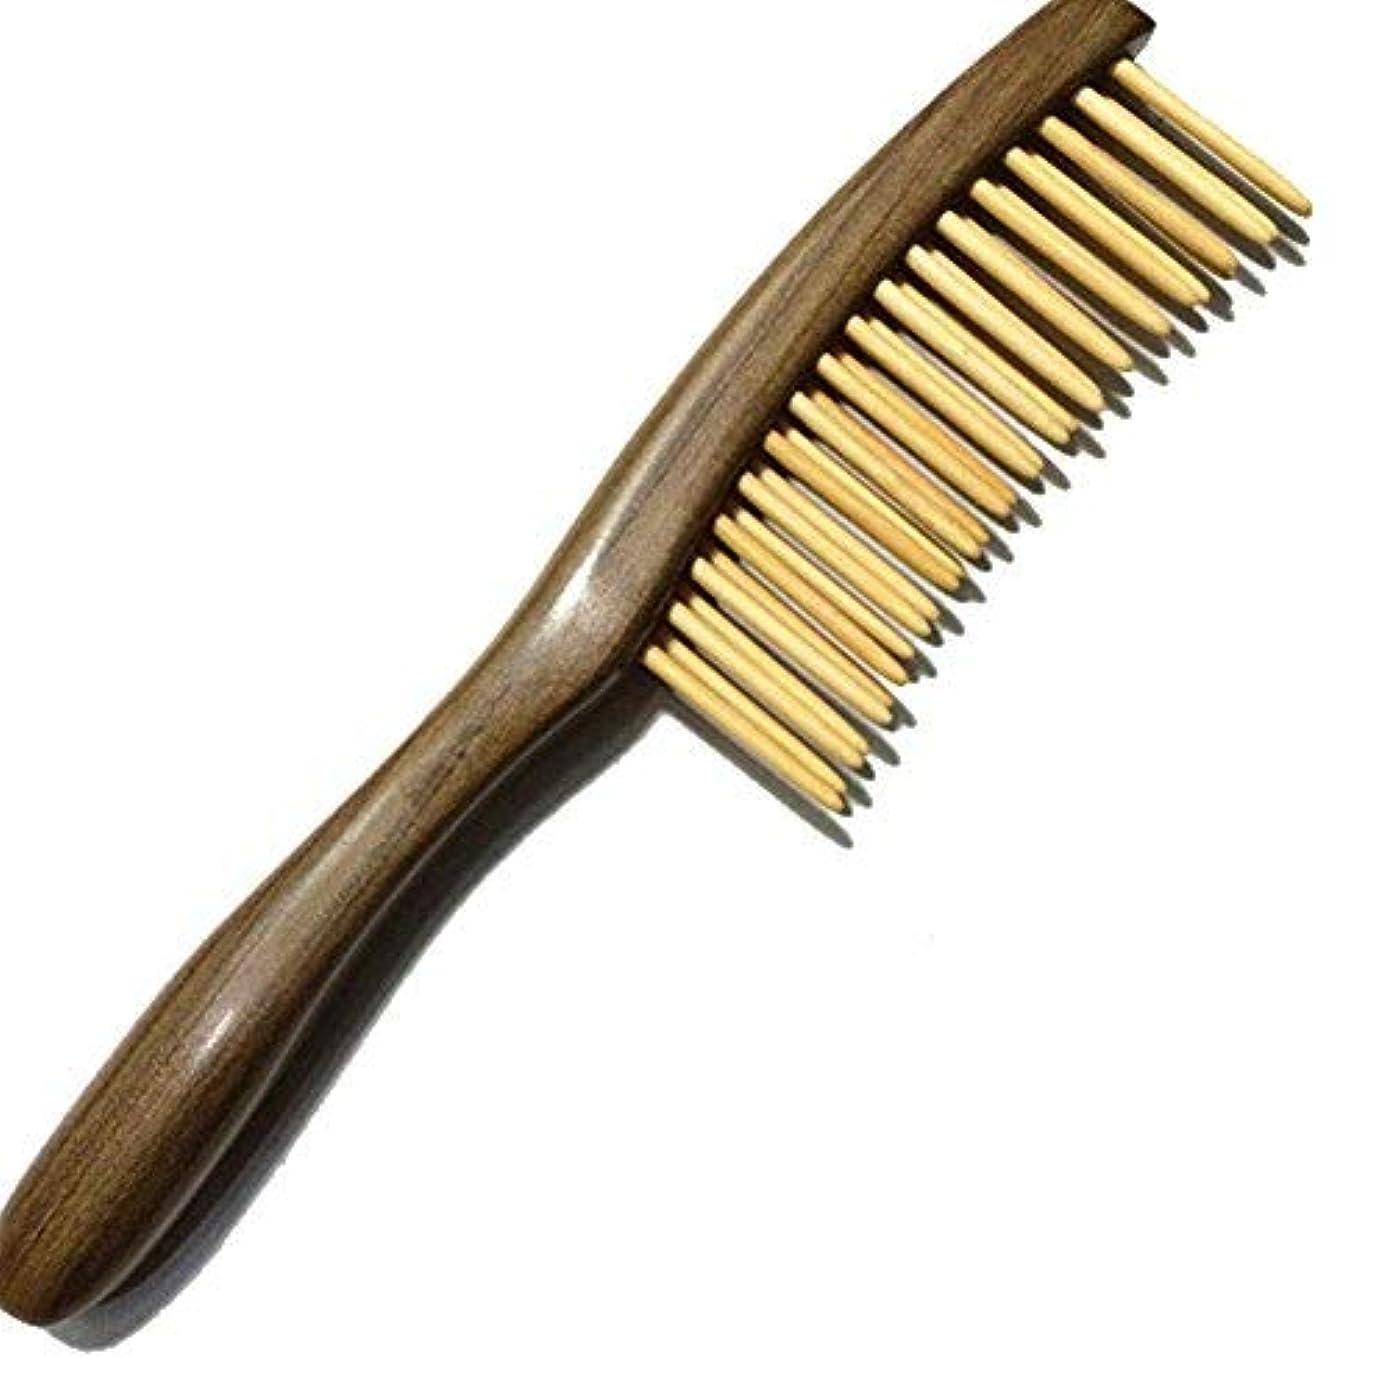 欠如半円個人的なFitlyiee Double Rows Teeth Sandalwood Hair Comb Anti-Static Handmade Wide Tooth Wooden Comb [並行輸入品]